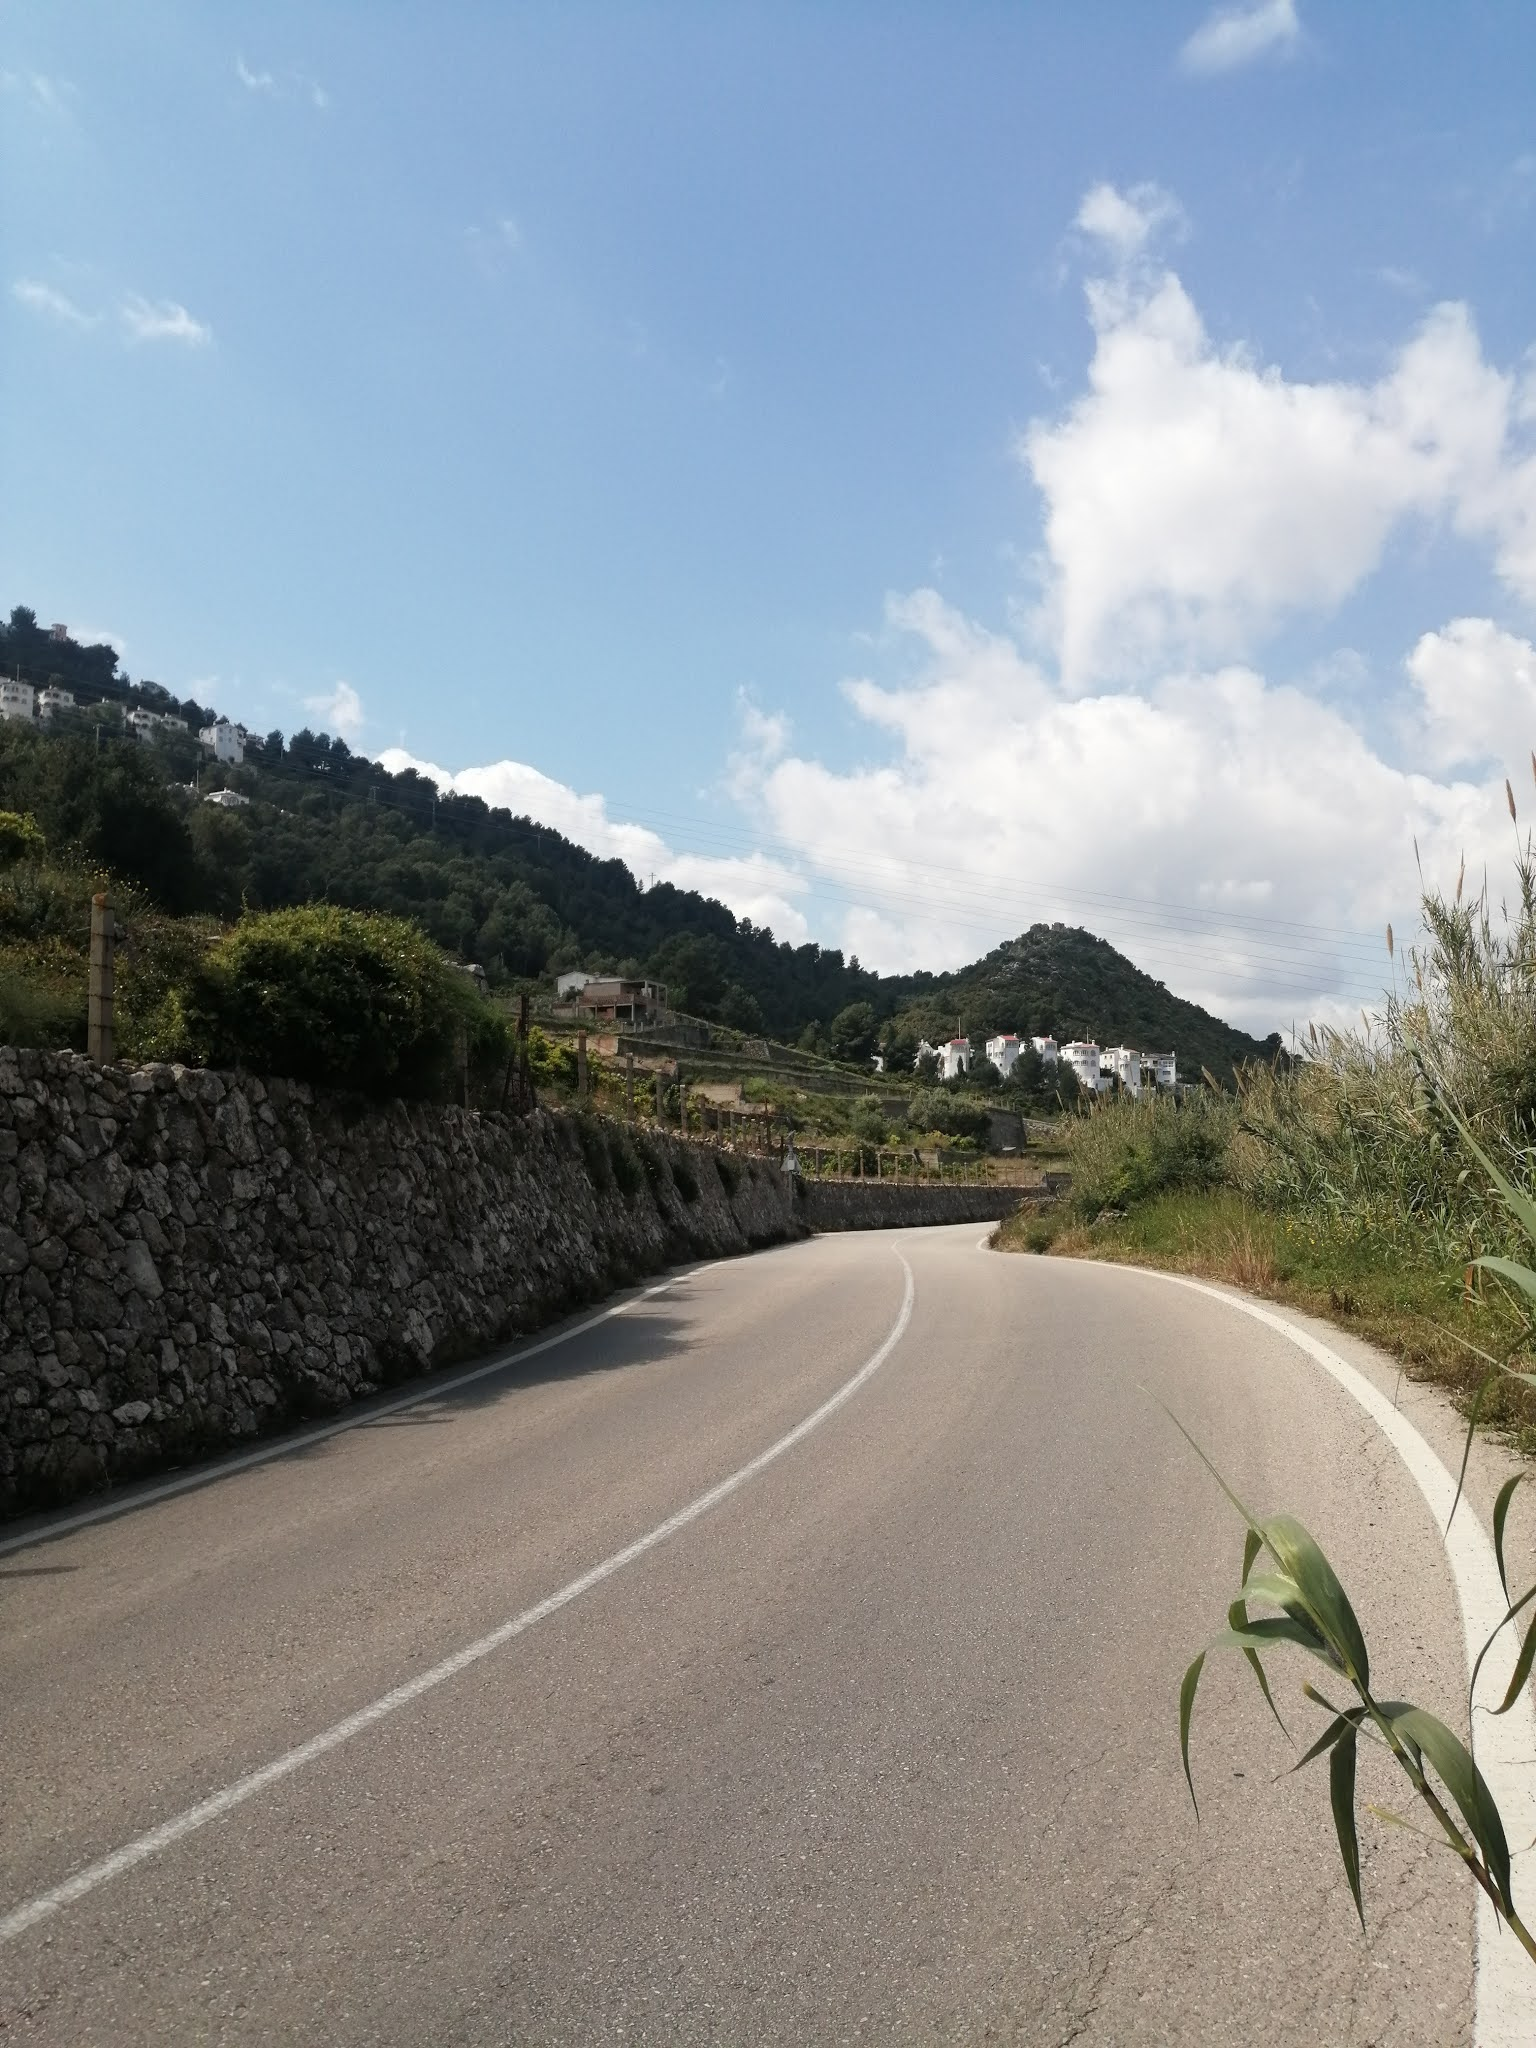 The CV-638 between Oliva and Font d'en Carròs